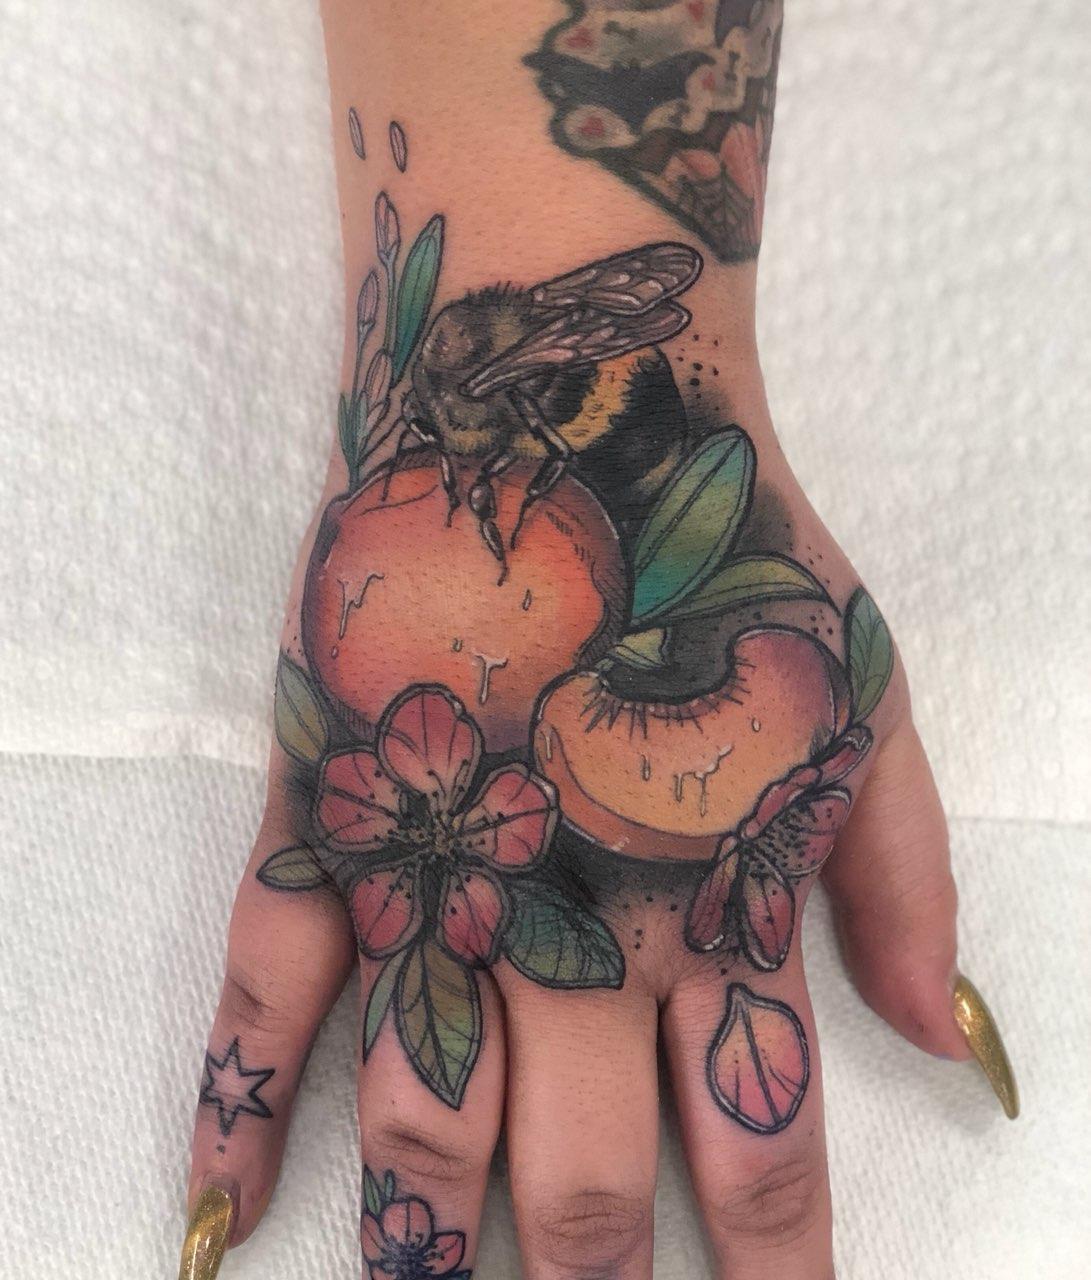 Jordyn Smithson Tattoo 2019 Okanagan Tattoo Show & Brewfest Artist